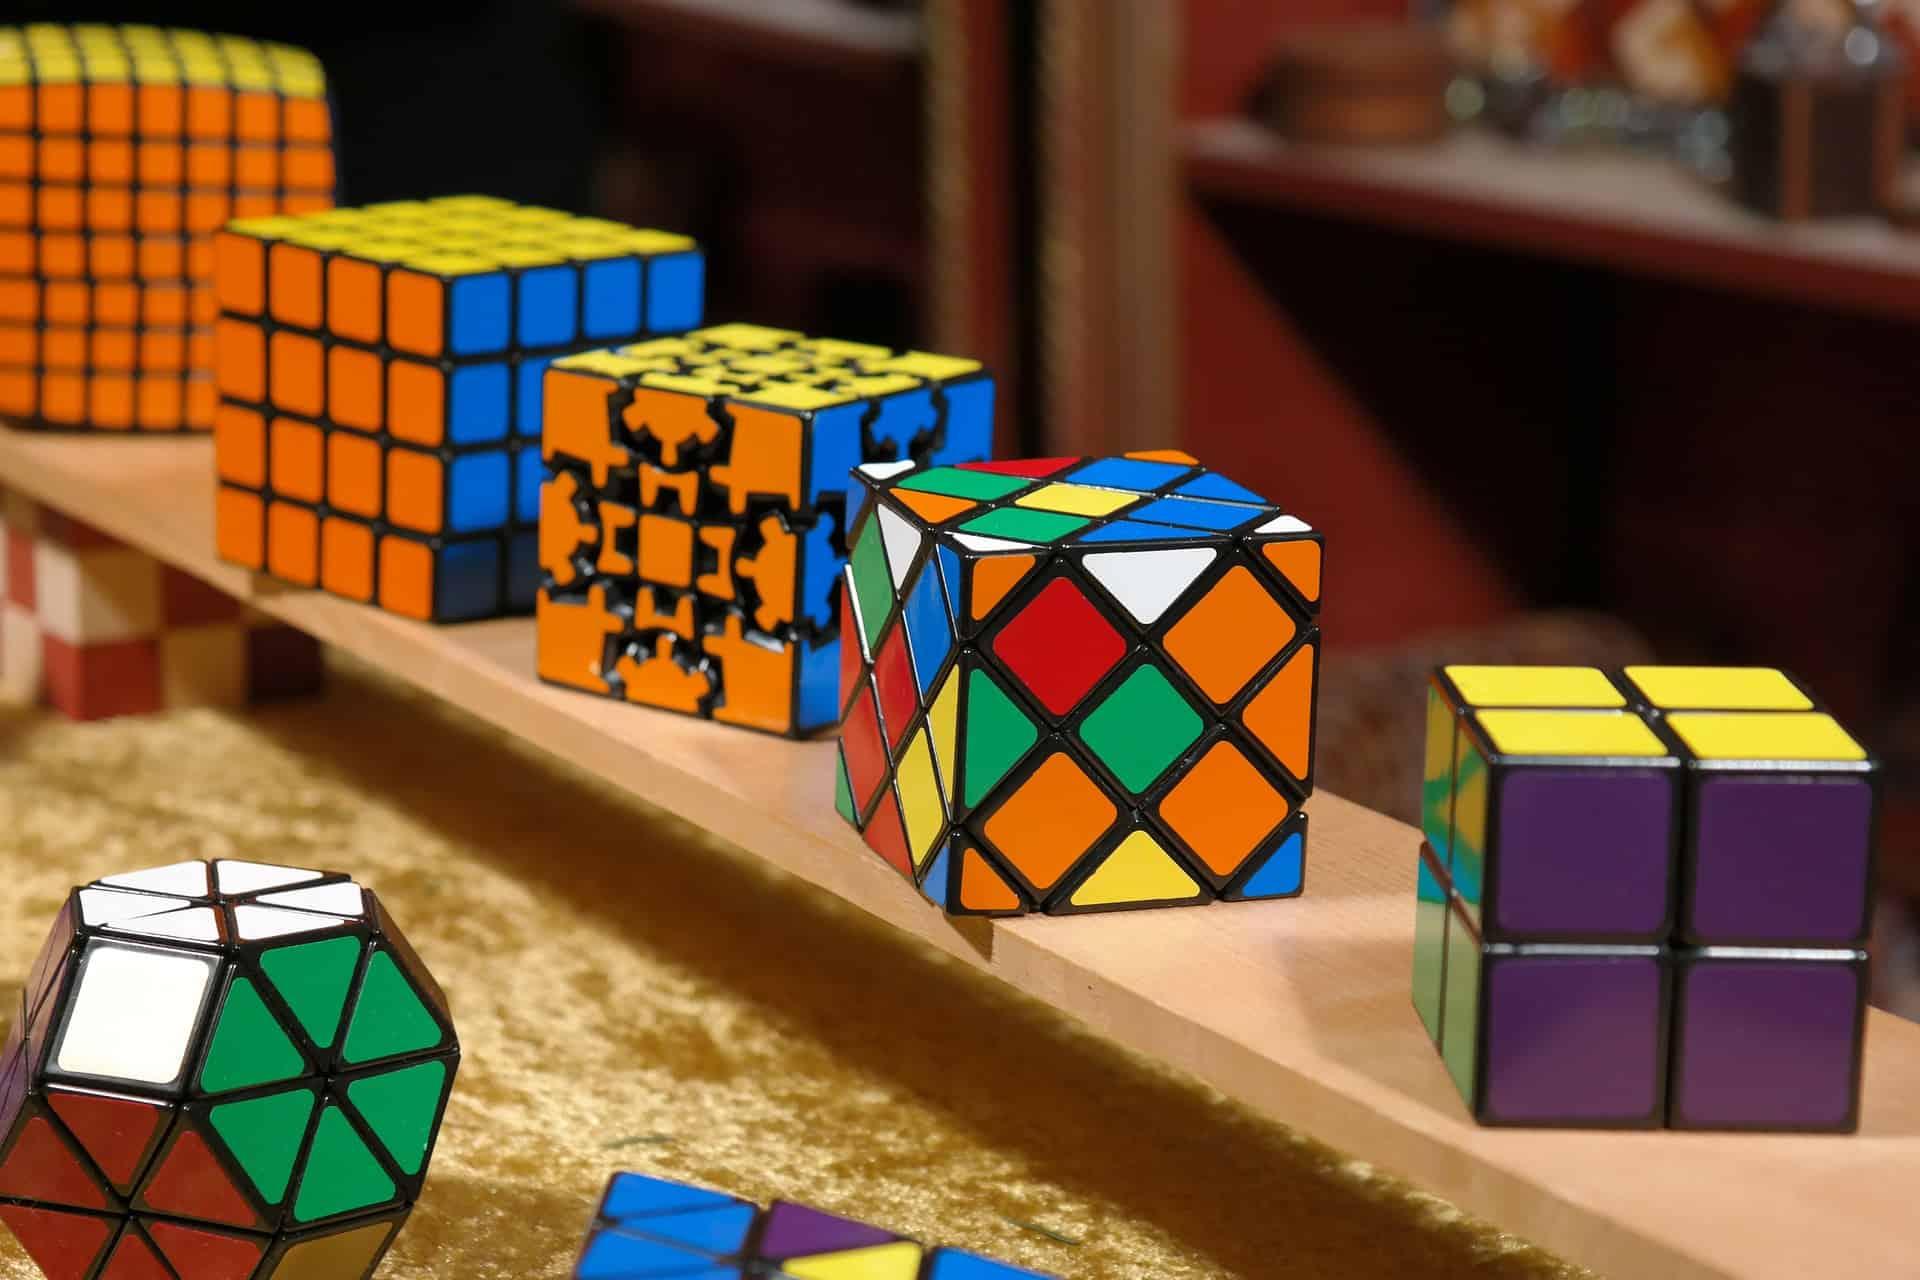 Imagem mostra cubos mágicos em diversos modelos e cores.